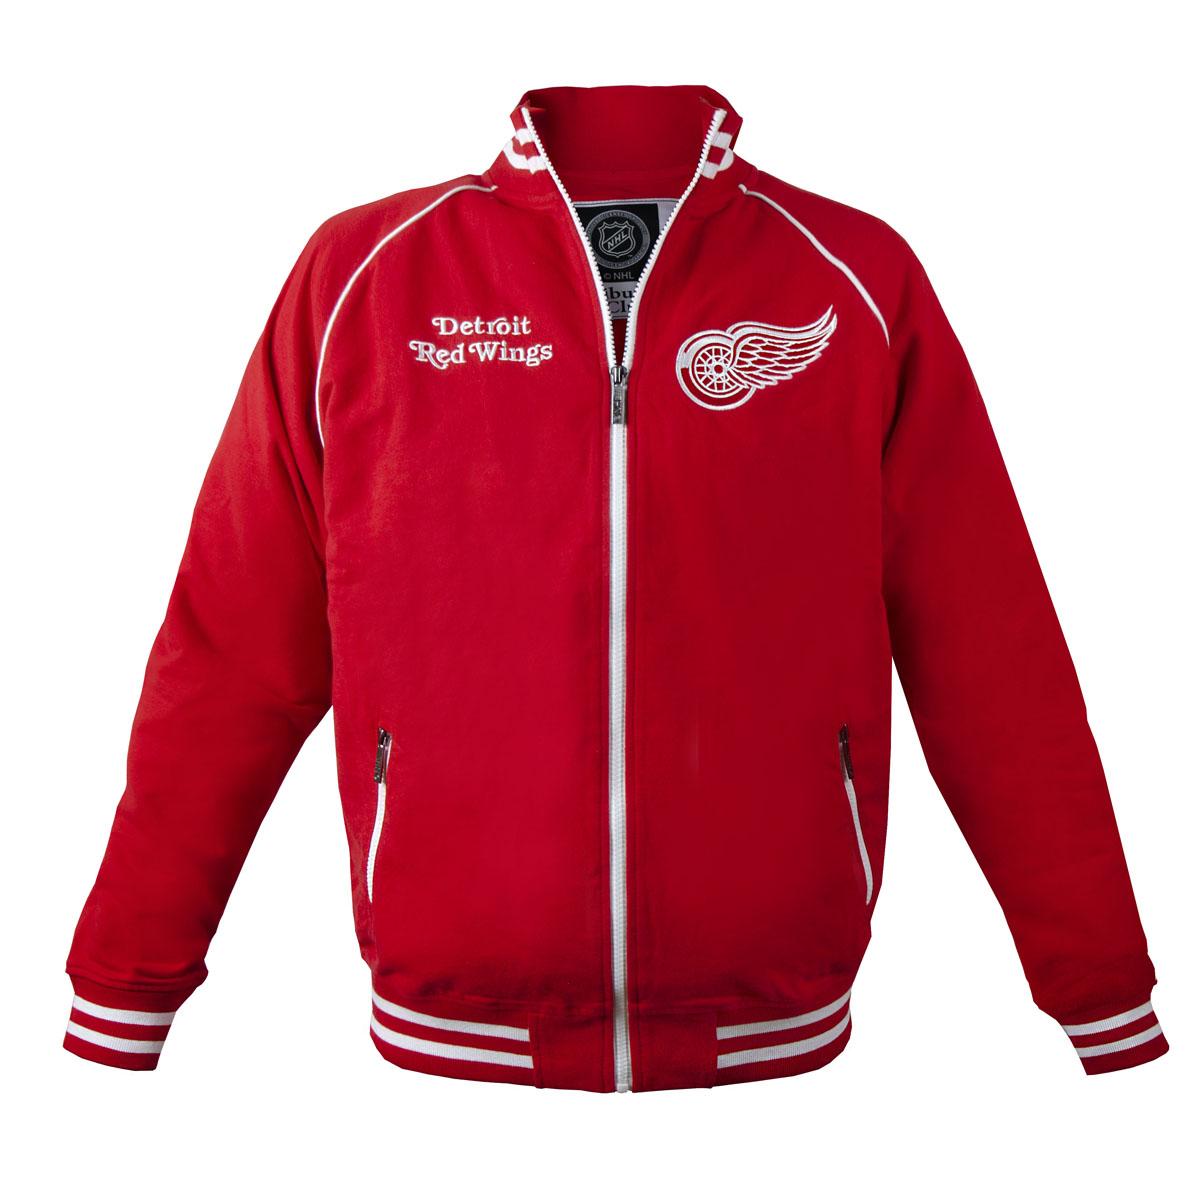 Толстовка мужская NHL Detroit Red Wings, цвет: красный. 35600. Размер S (46)35600Мужская толстовка NHL Detroit Red Wings, изготовленная из натурального хлопка, очень мягкая и приятная наощупь, не сковывает движения, обеспечивая наибольший комфорт.Толстовка с небольшим воротником-стойкой и длинными рукавами-реглан застегивается на молнию по всей длине. Снизумодели предусмотрена широкая мягкая резинка, которая предотвращает проникновение холодного воздуха.Рукава дополнены эластичными манжетами. Спереди расположены два прорезных кармана на застежках-молниях. Изделие оформлено вышивками с названием хоккейного клуба Detroit Red Wings и его эмблемой.Стильная толстовка подарит вам комфорт и станет отличным дополнением к вашему гардеробу.